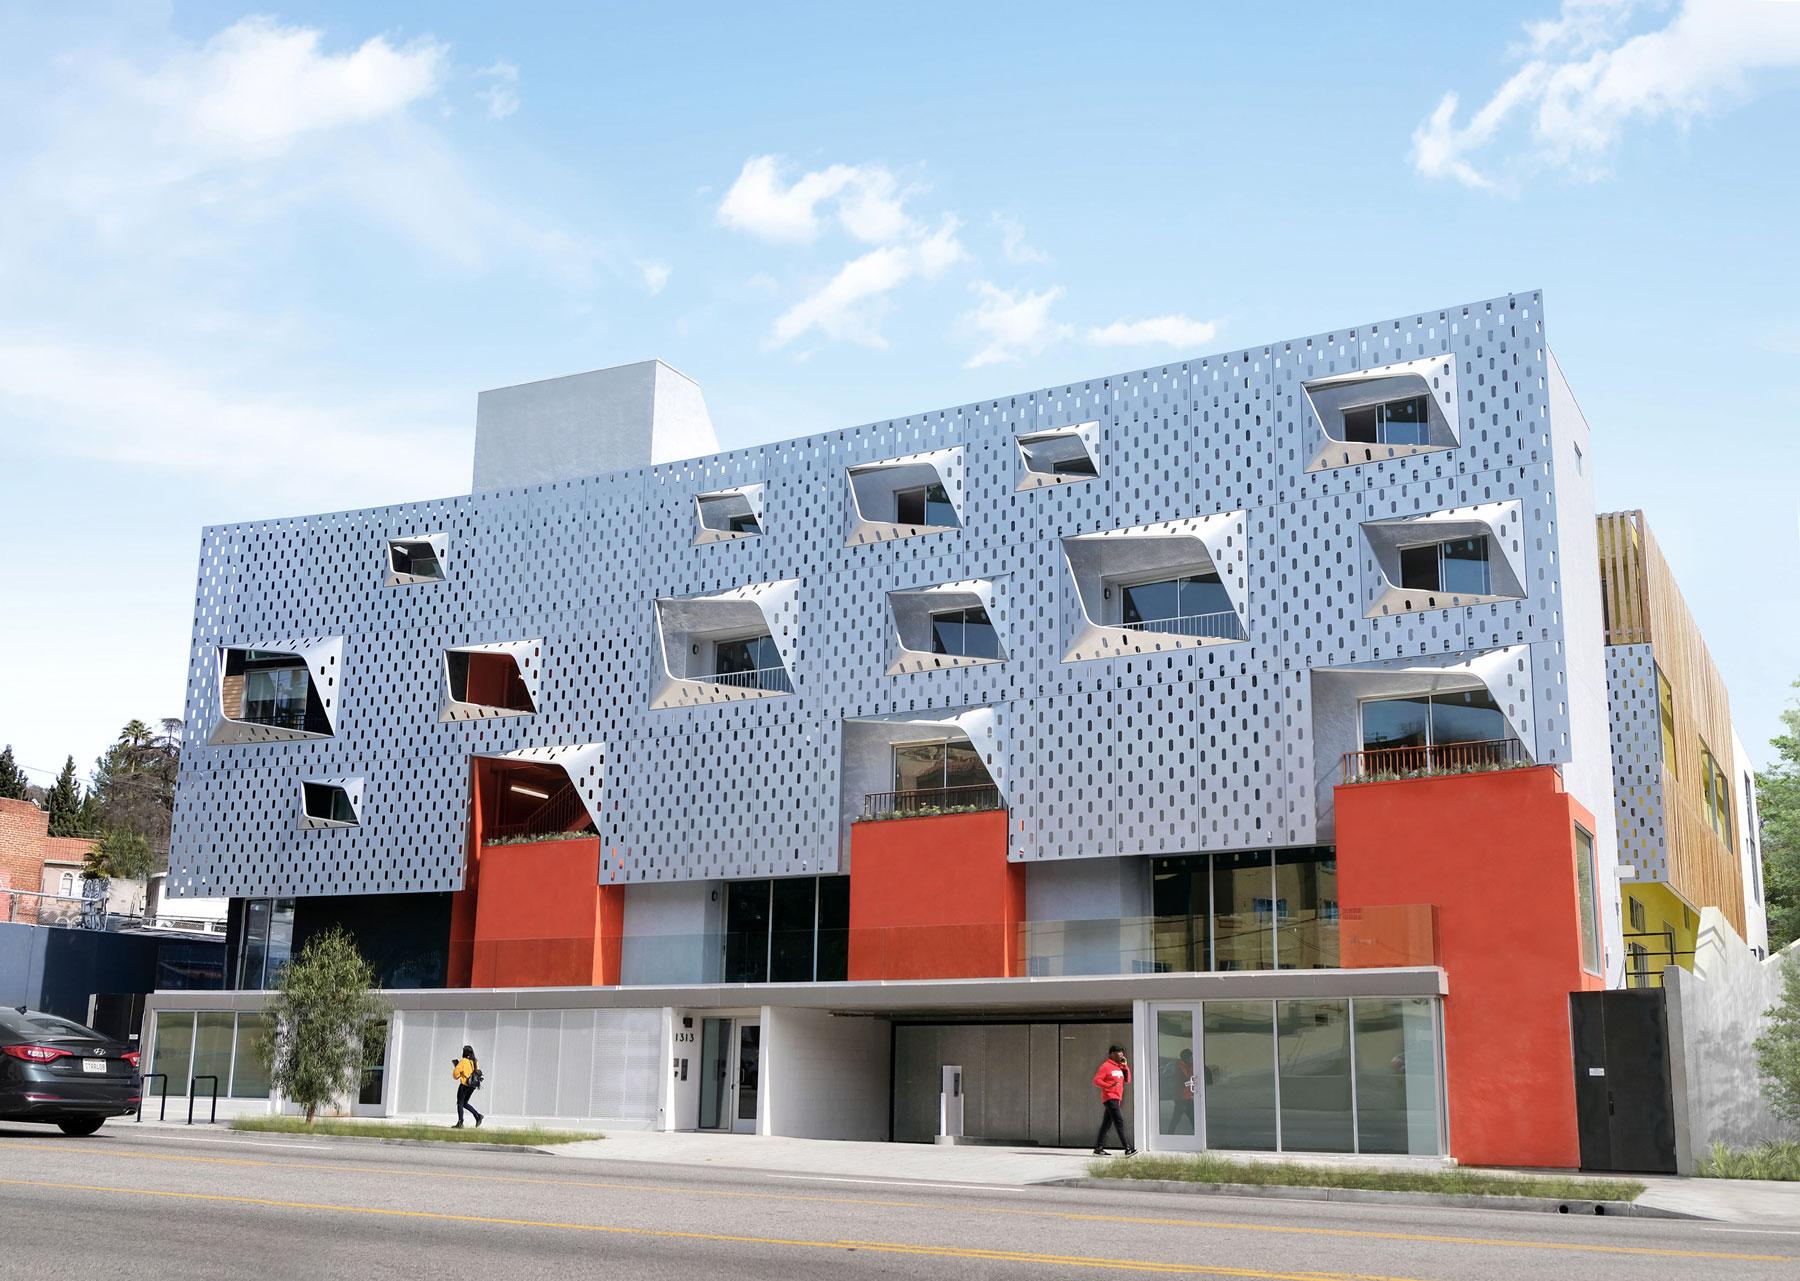 Elysian Fields, Warren Techentin Architecture